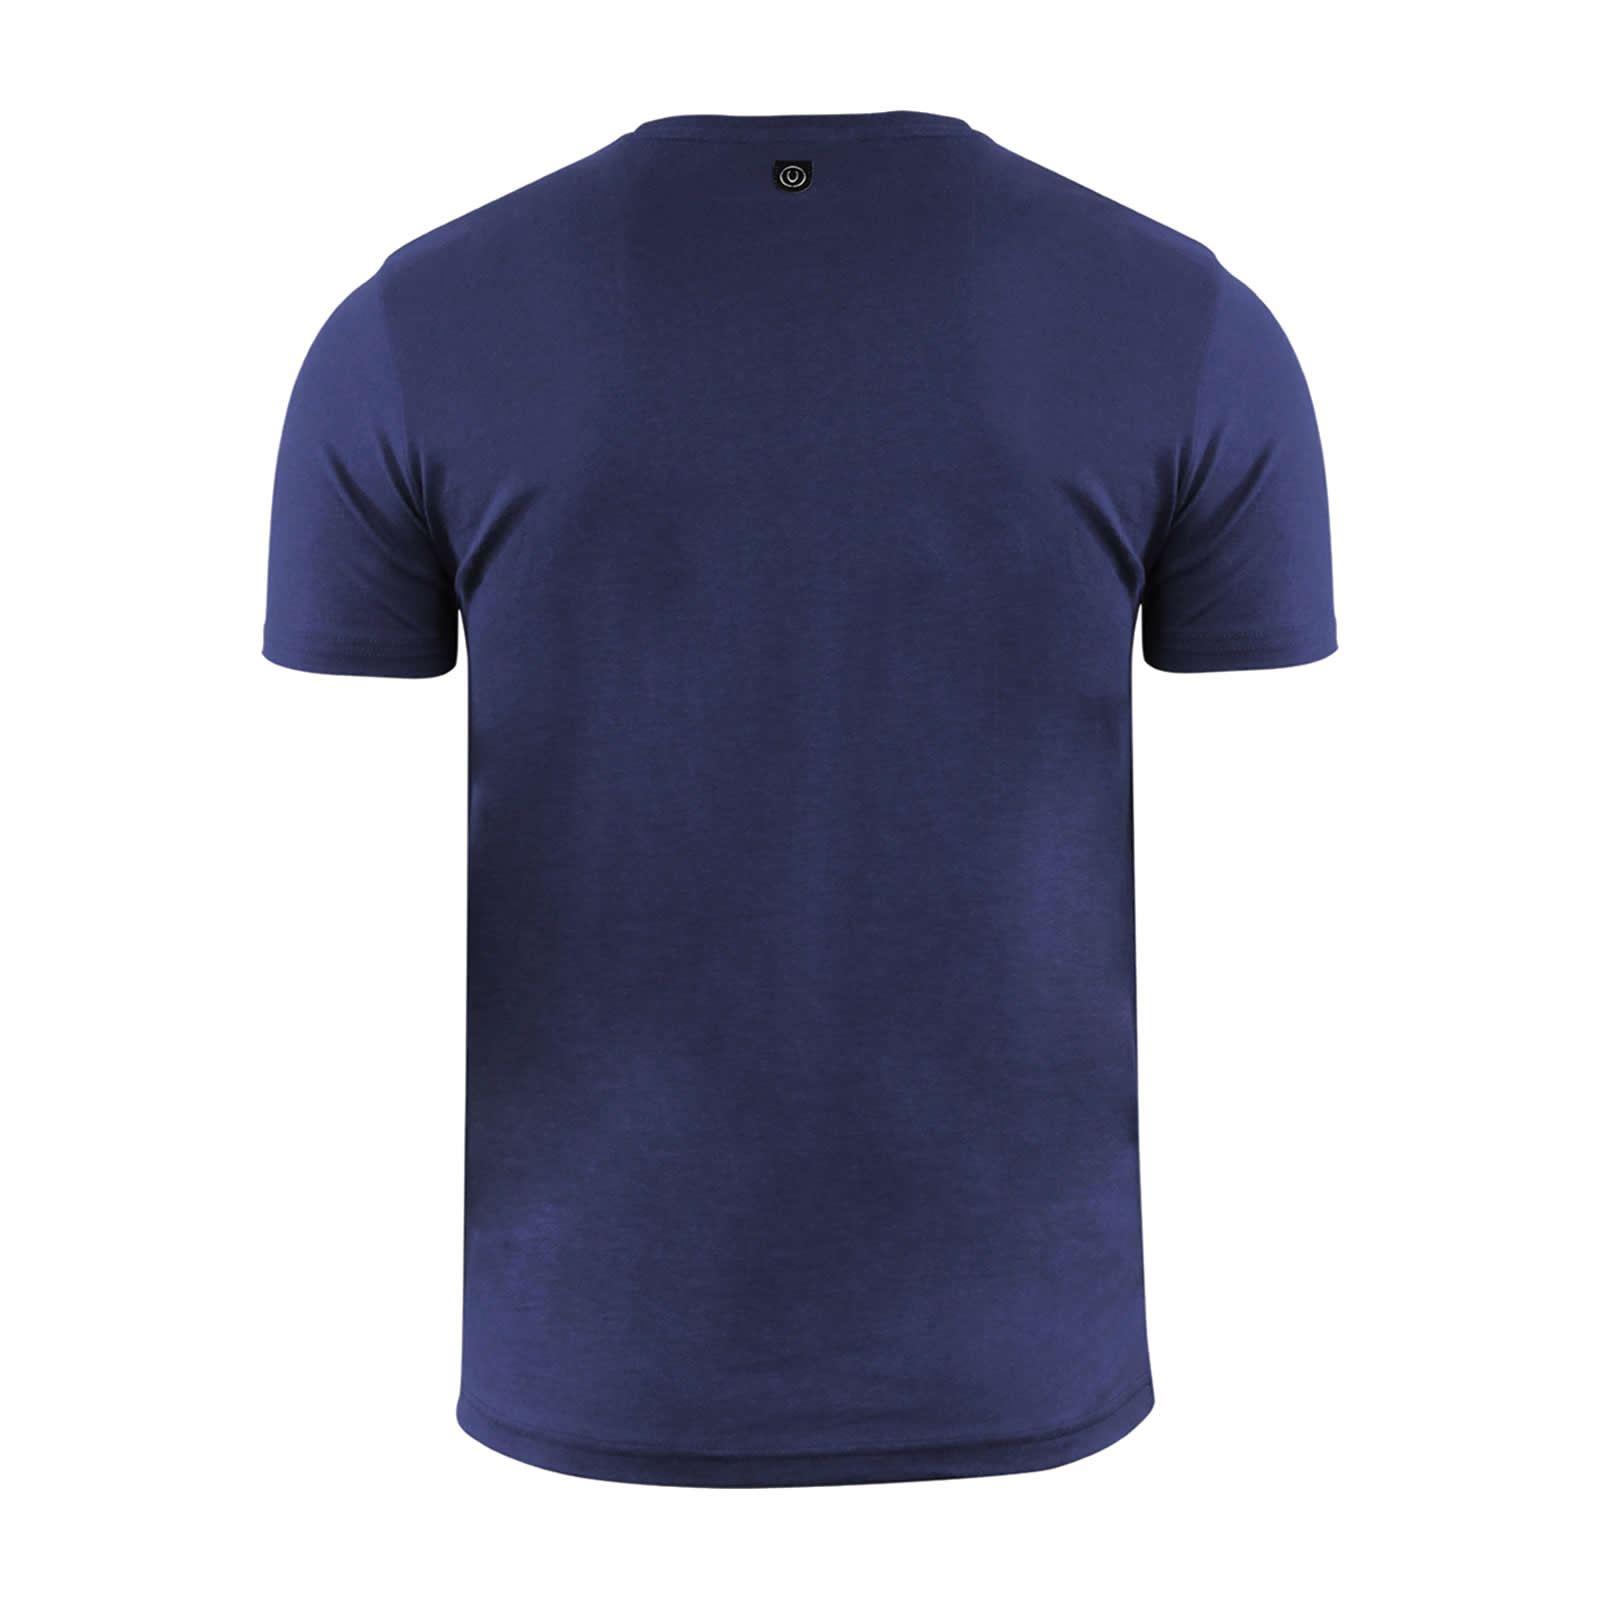 miniature 5 - Hommes-T-Shirt-Duck-amp-Cover-Quoins-coton-graphique-a-encolure-ras-du-cou-a-manches-courtes-Tee